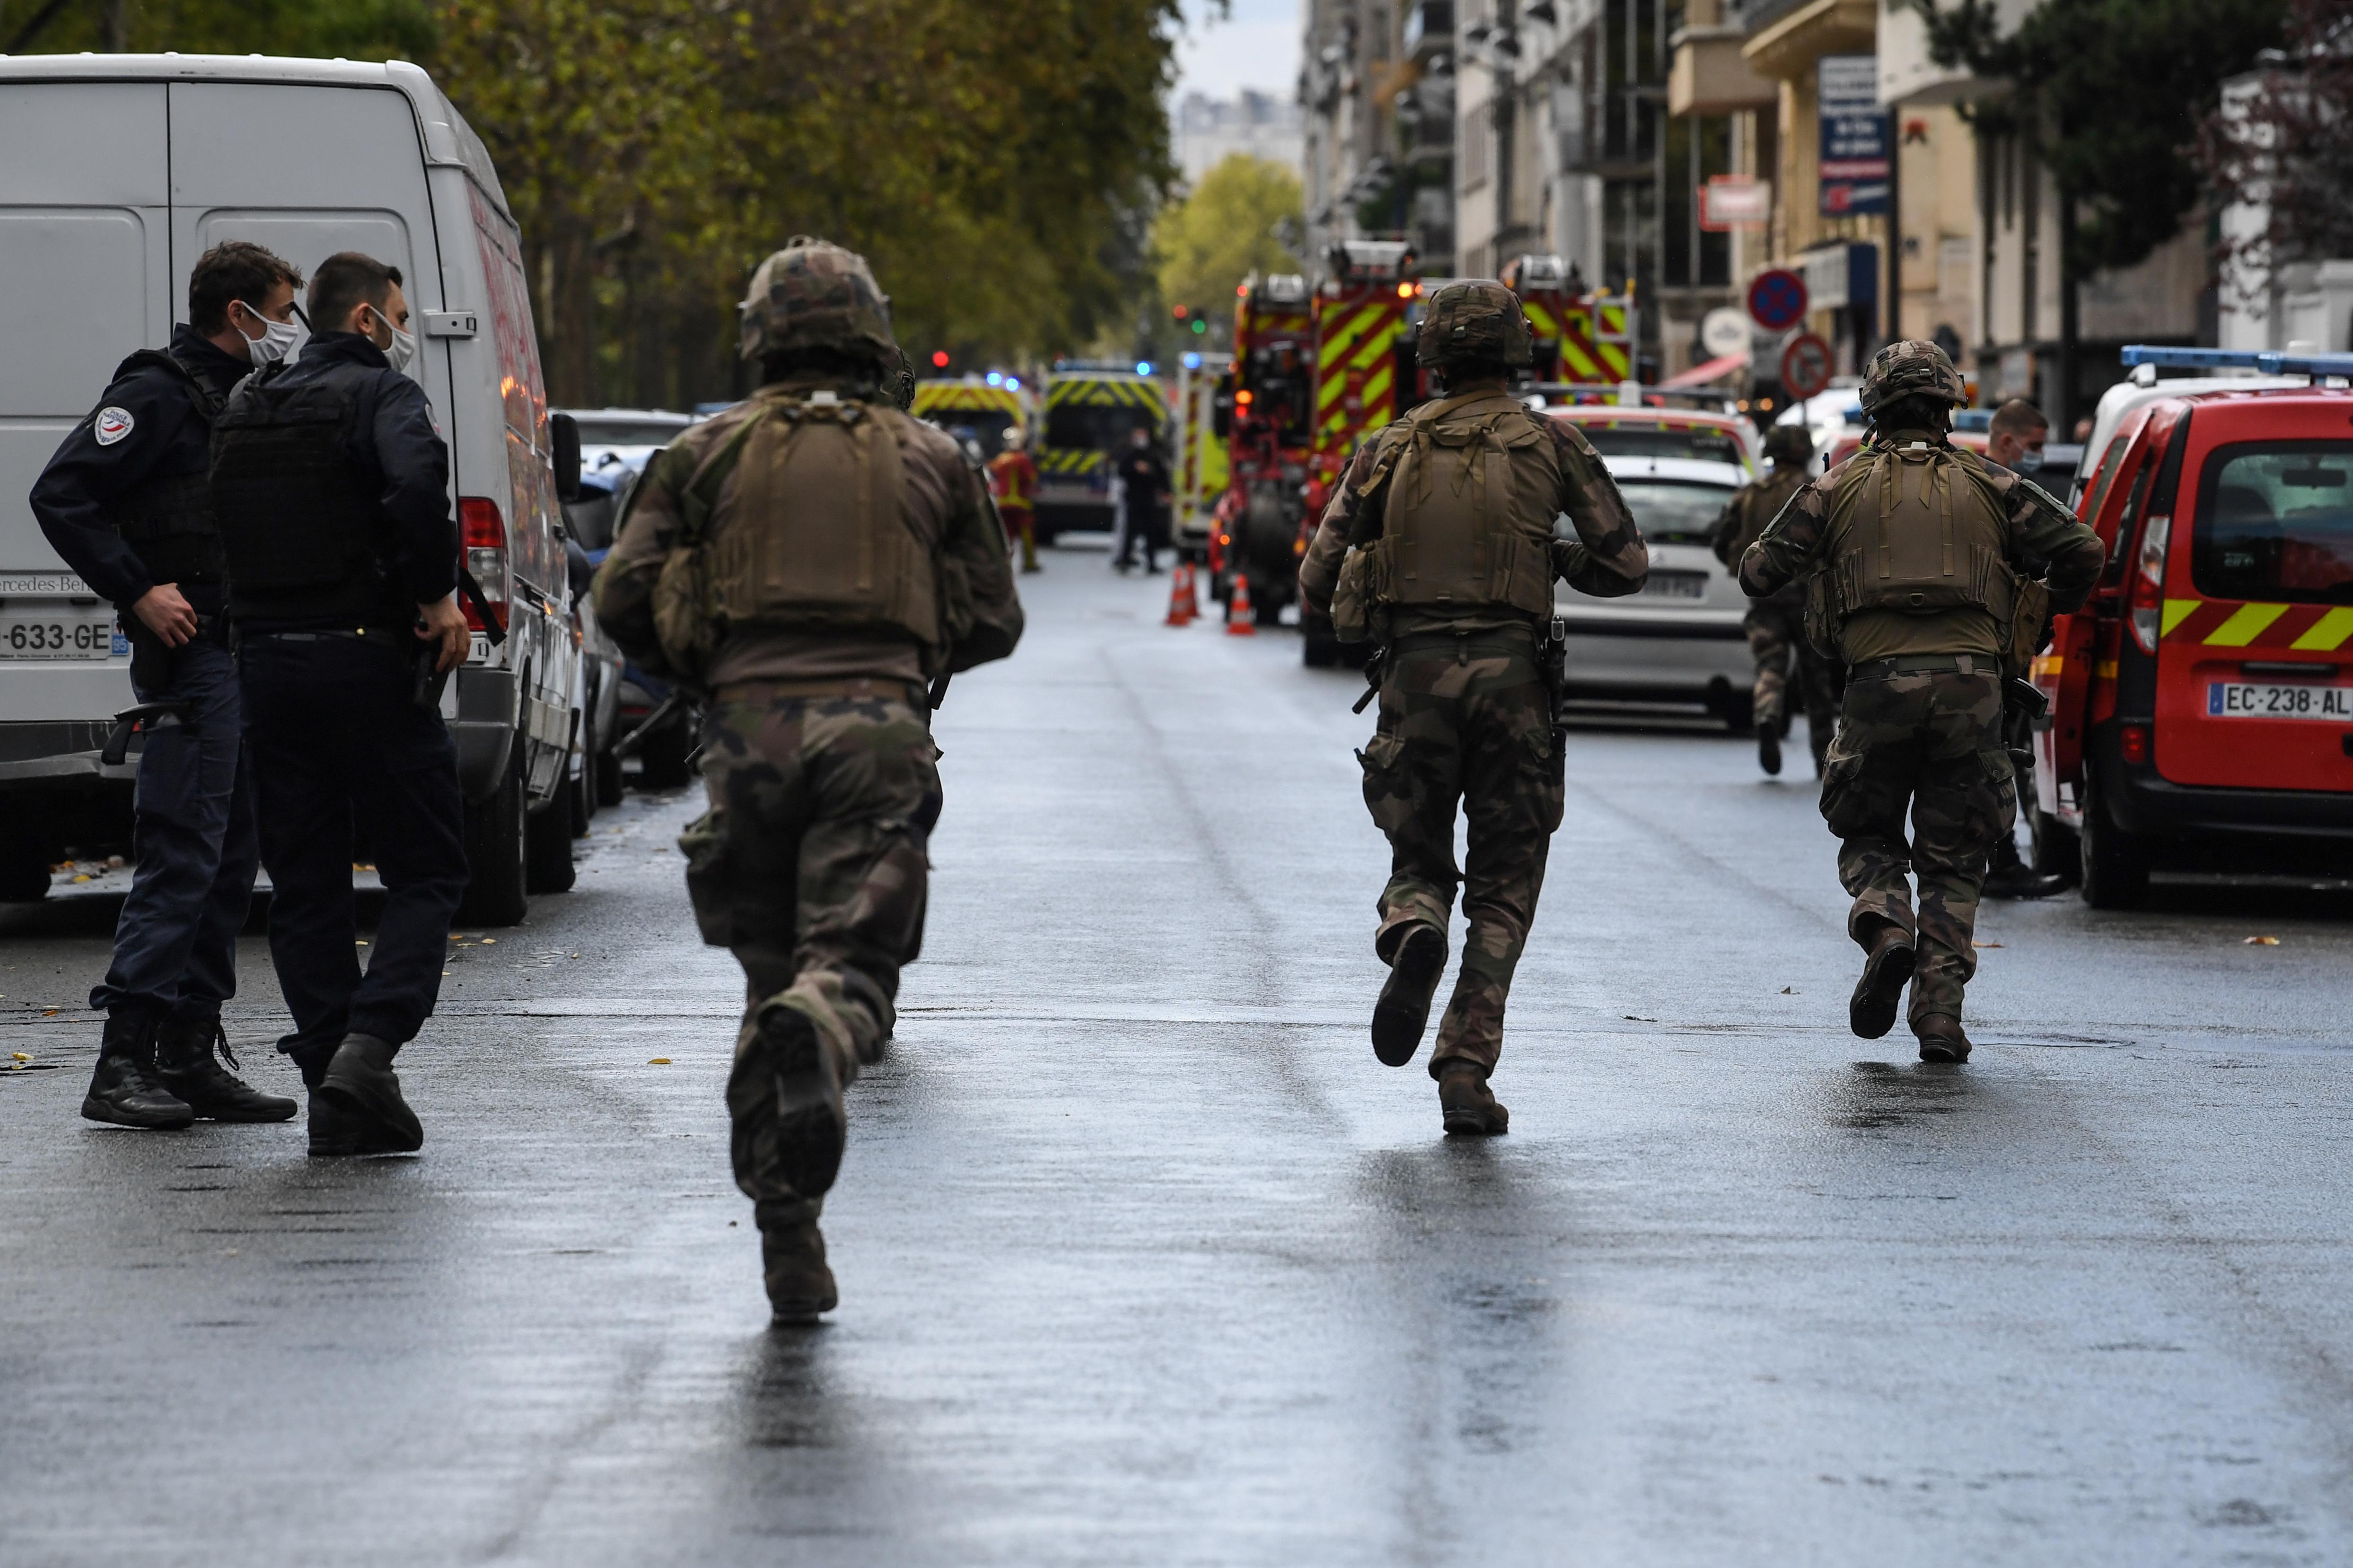 Iszlamista terrortámadásként kezelik a Charlie Hebdo egykori szerkesztősége melletti késelést